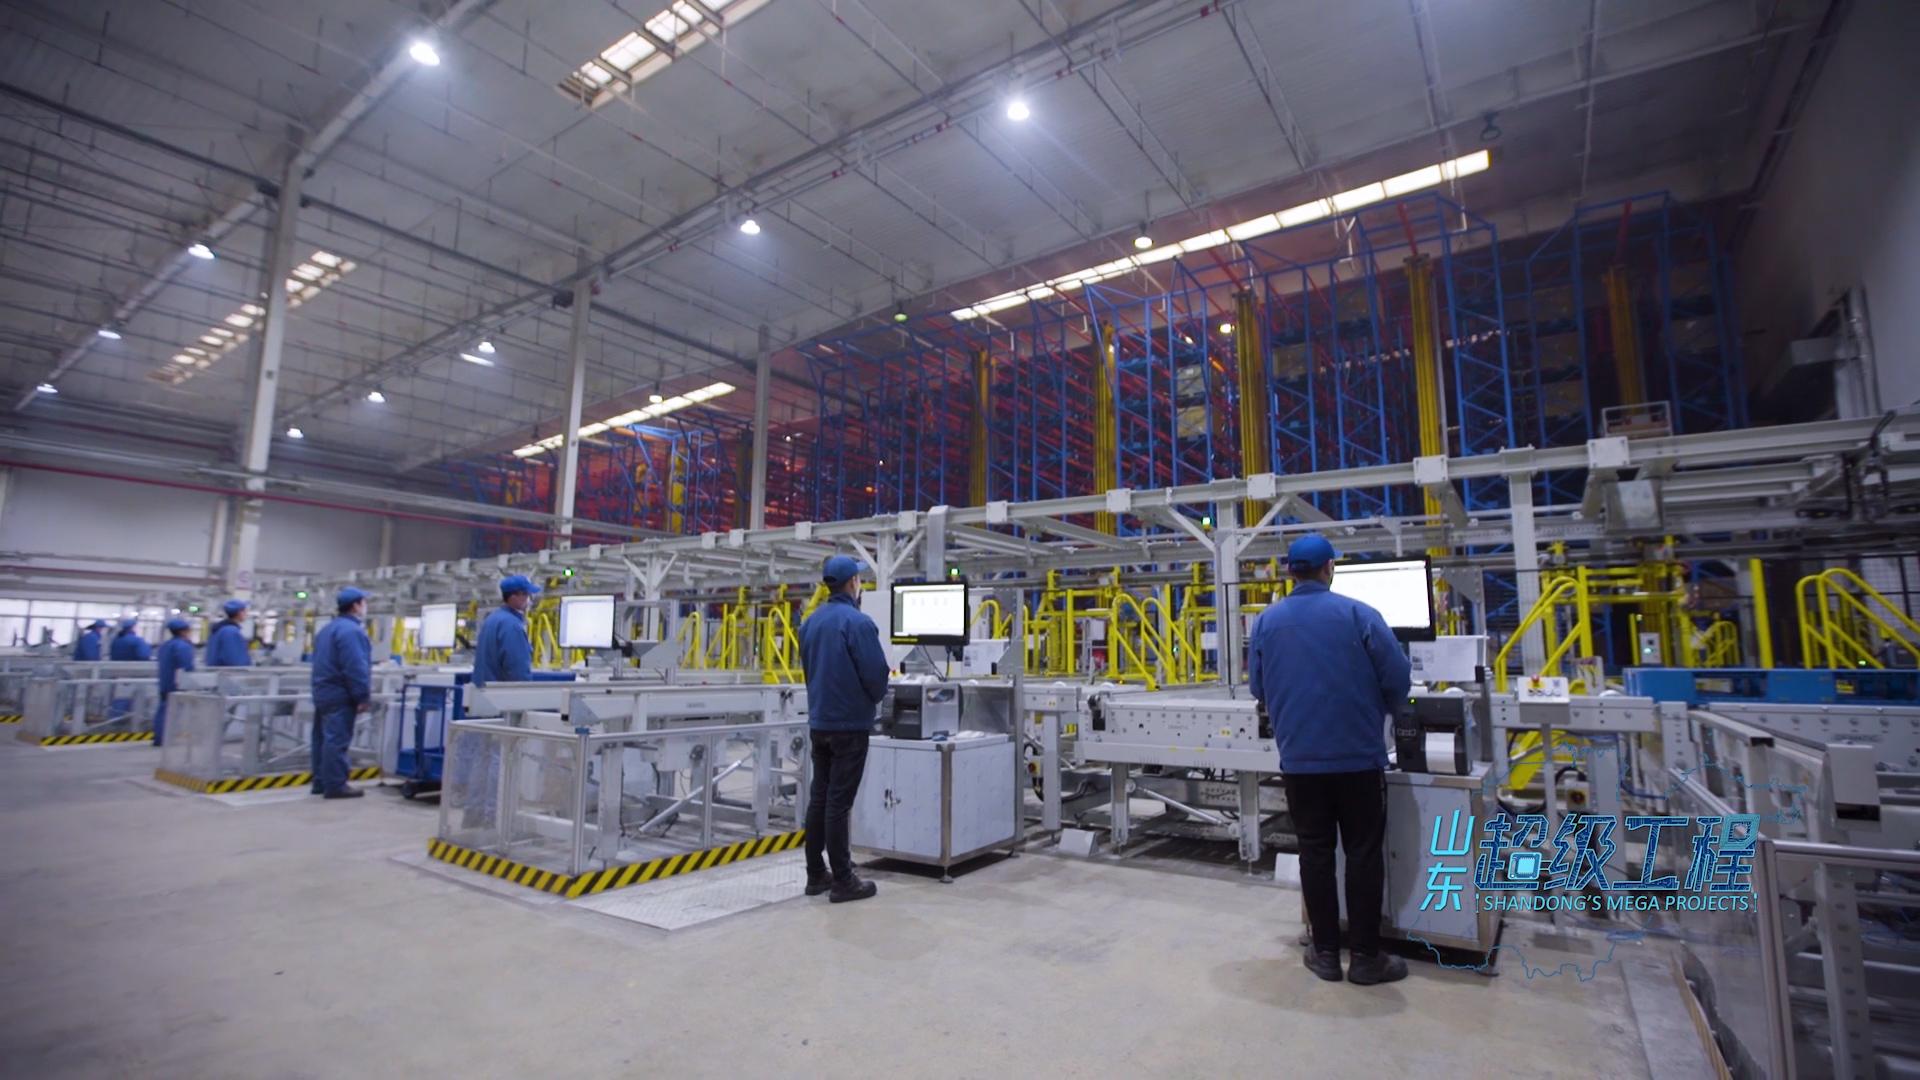 山东超级工程 | 潍柴智能物流工程 开启制造业现代化物流应用新时代